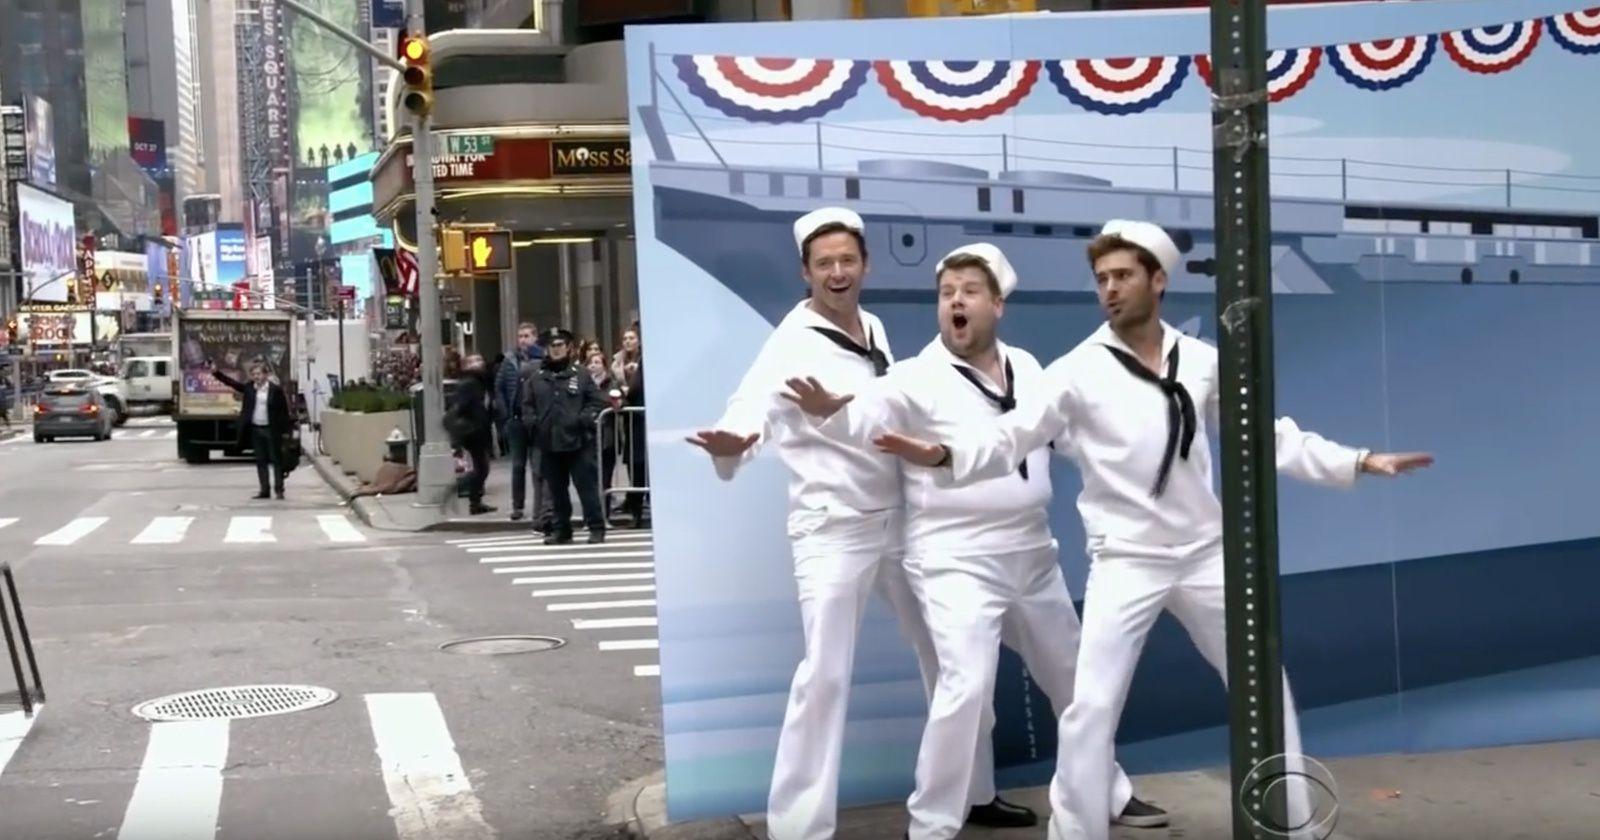 Crosswalk The musical : 11 minutes de bonne humeur avec James Corden, Hugh Jackman et Zac Efron.